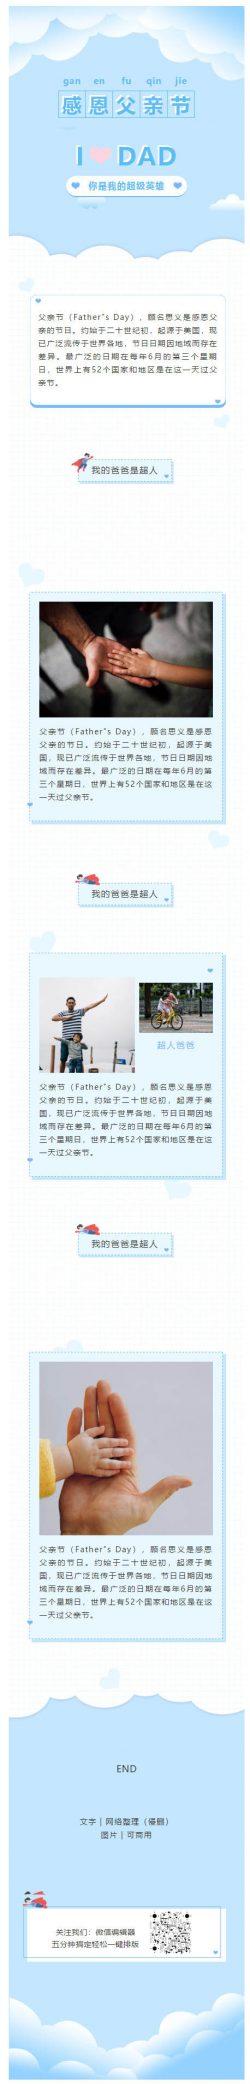 """父亲节Father""""s Day微信图文模板微信推送图文模板推文"""